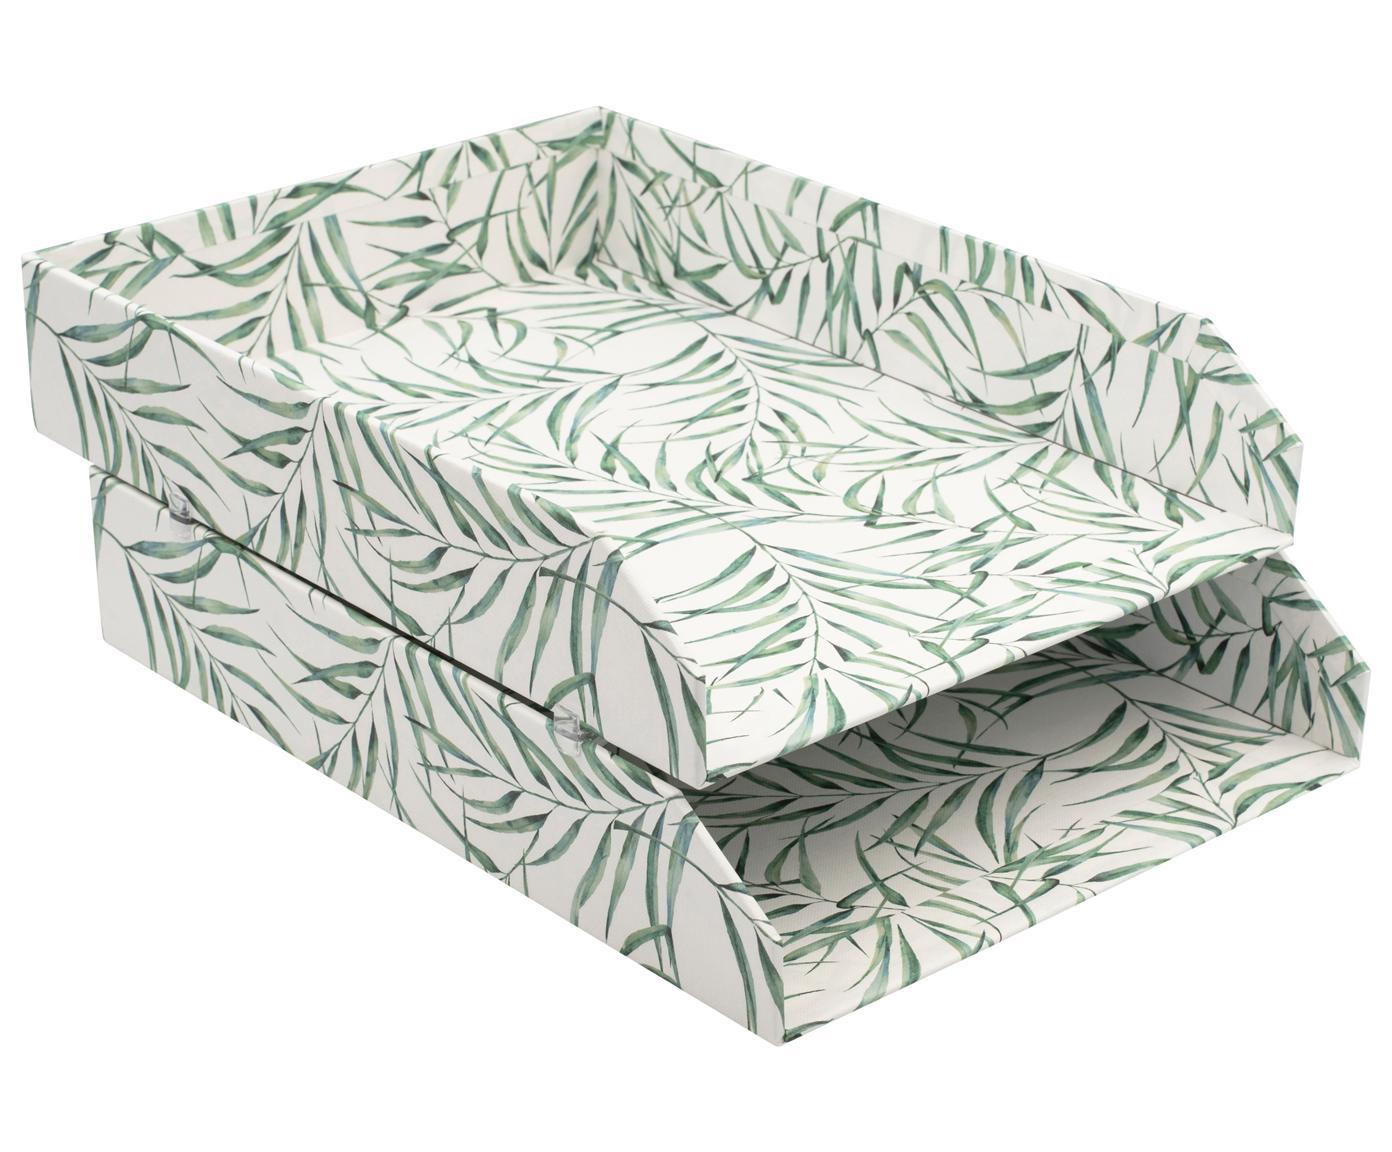 Documentenhouders Breeze, 2 stuks, Stevig, gelamineerd karton, Wit, groen, B 23 x D 31 cm